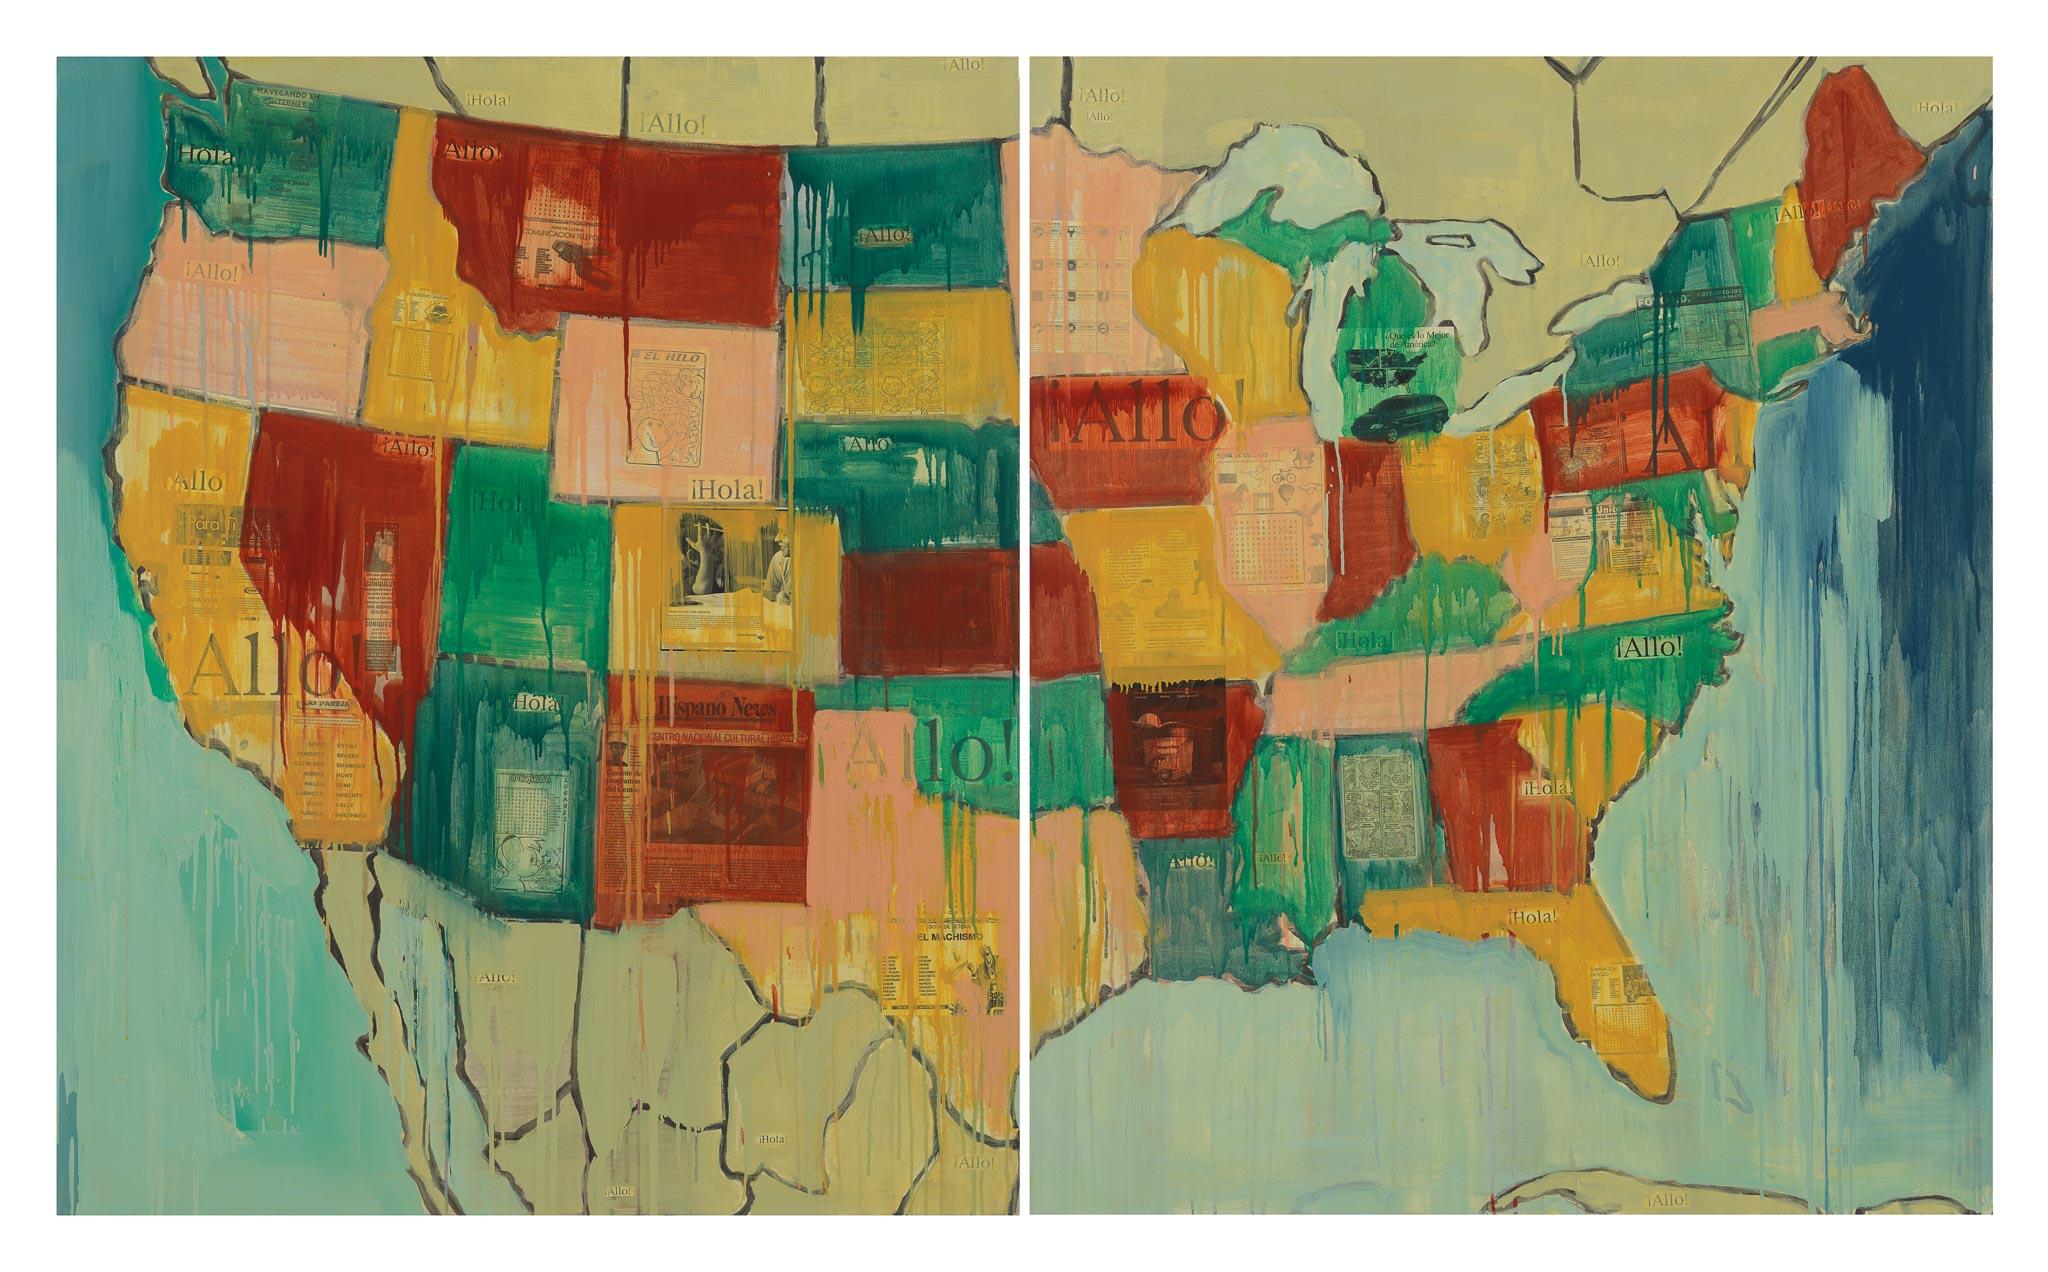 Jaune Quick-to-see Smith, <i>Echo</i>, 2000. Coleção Garth Greenan Gallery. Cortesia da artista e Garth Greenan Gallery, Nova York